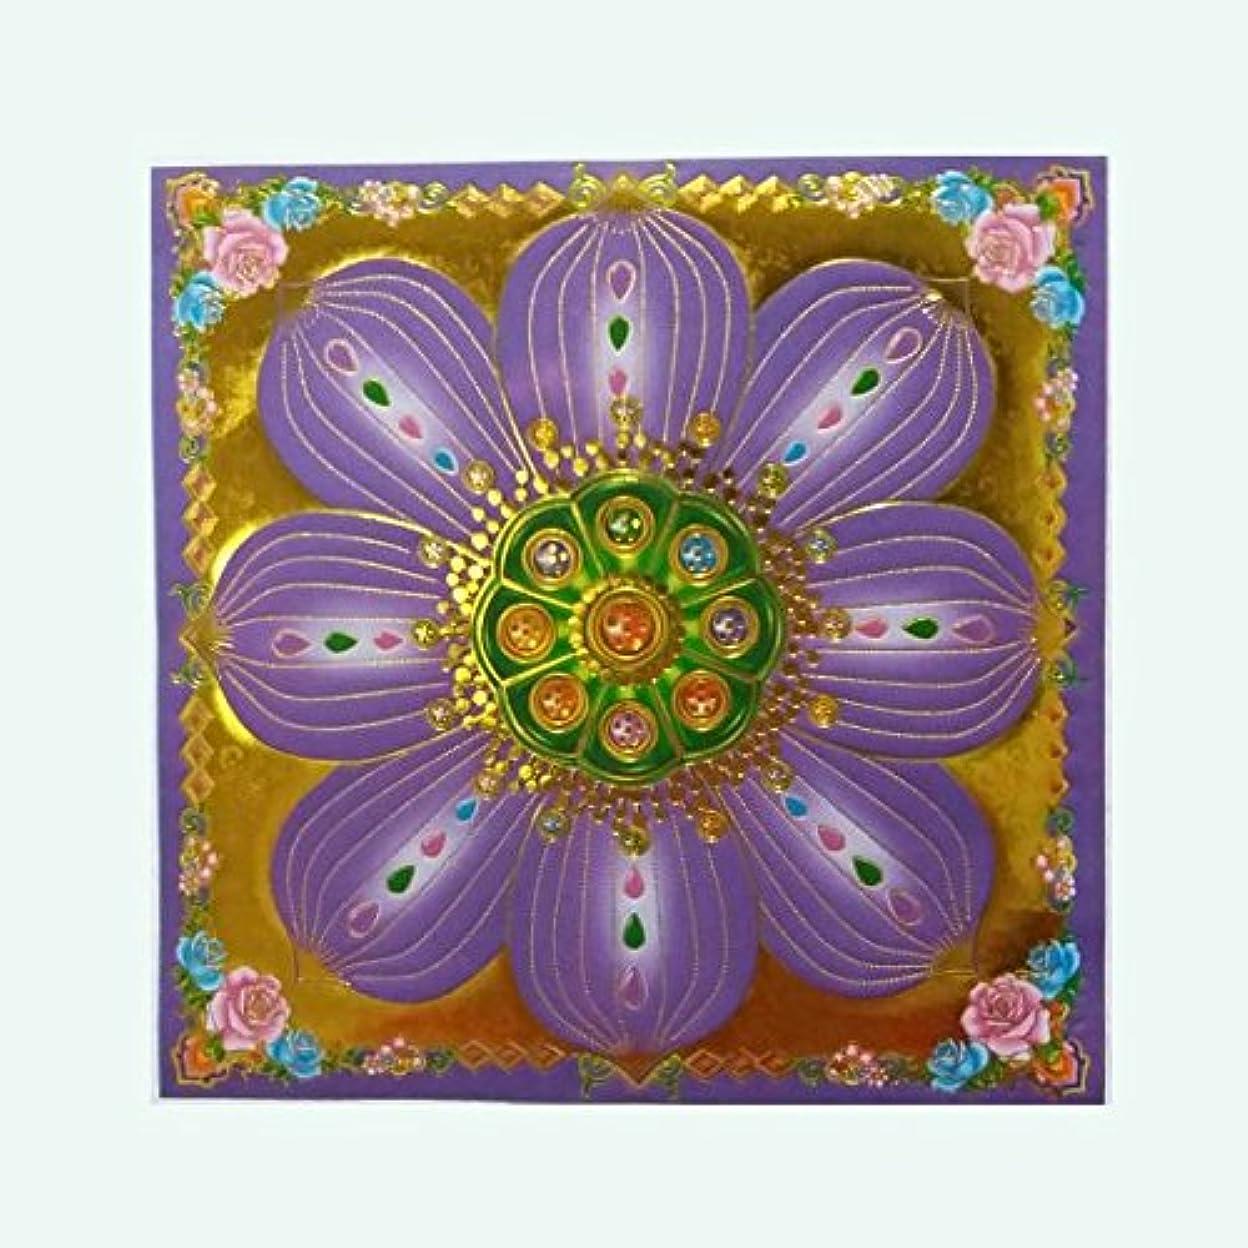 40pcs Incense用紙/Joss用紙ハイグレードカラフルwithゴールドの箔Sサイズの祖先Praying 7.5インチx 7.5インチ(パープル)